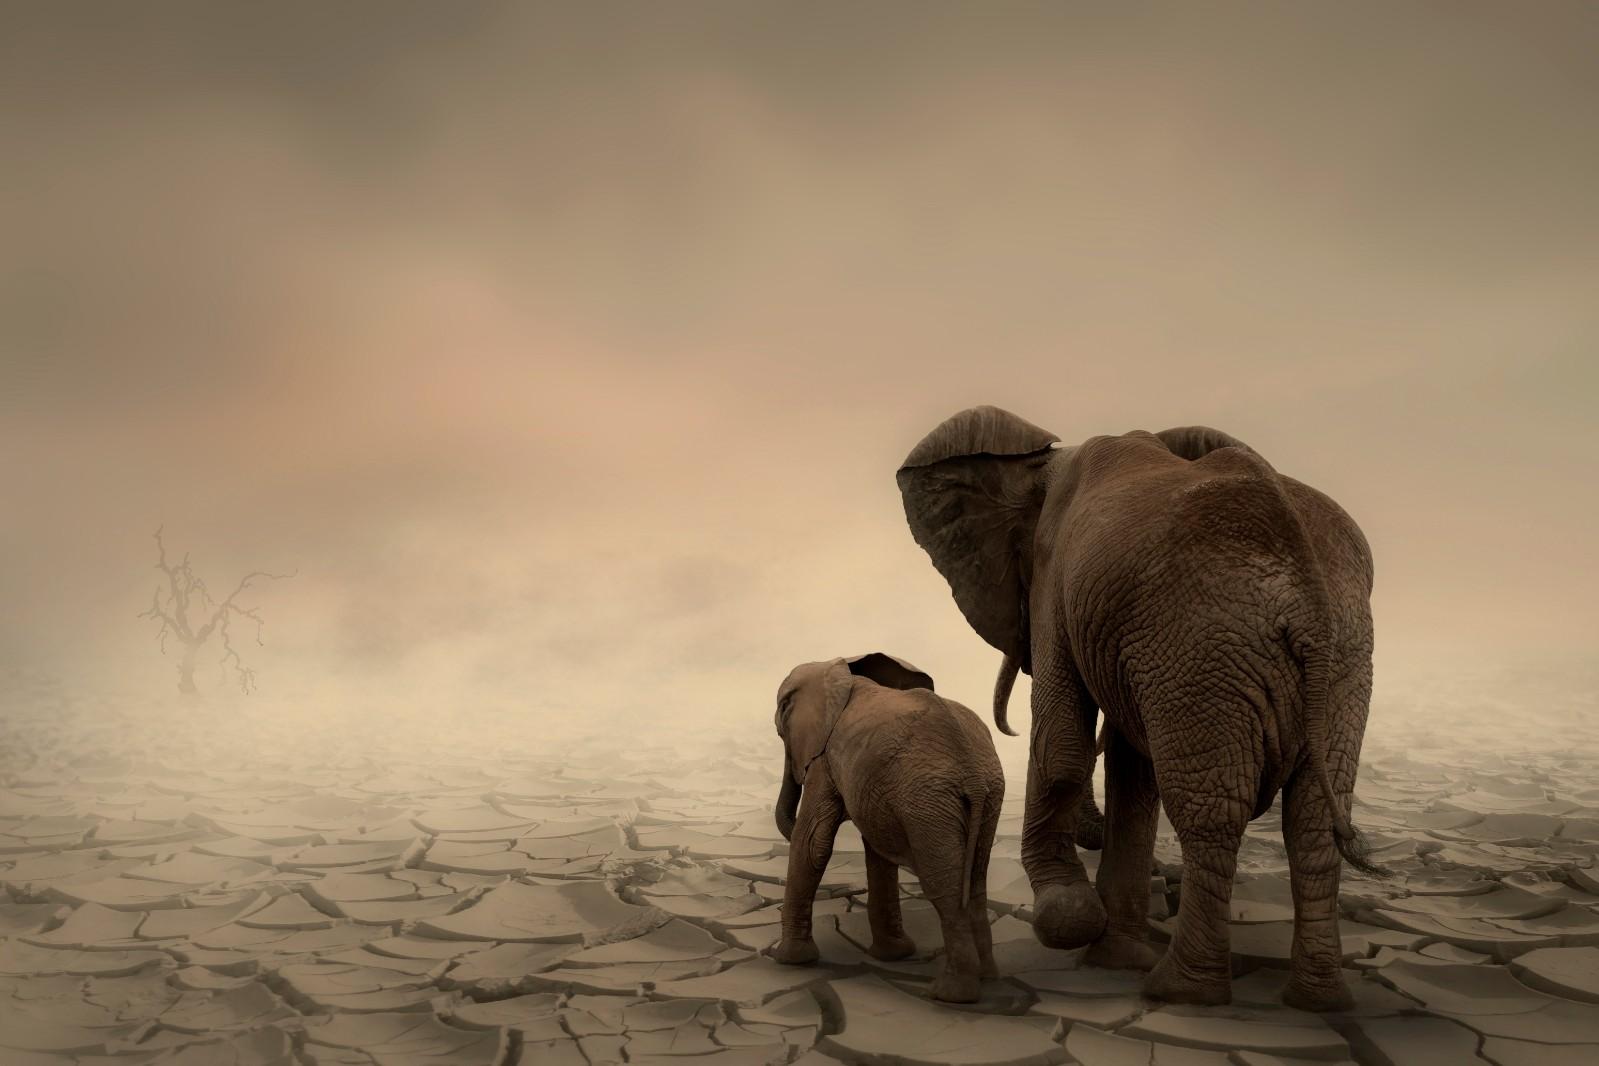 《爱护我们共同的地球》.jpg